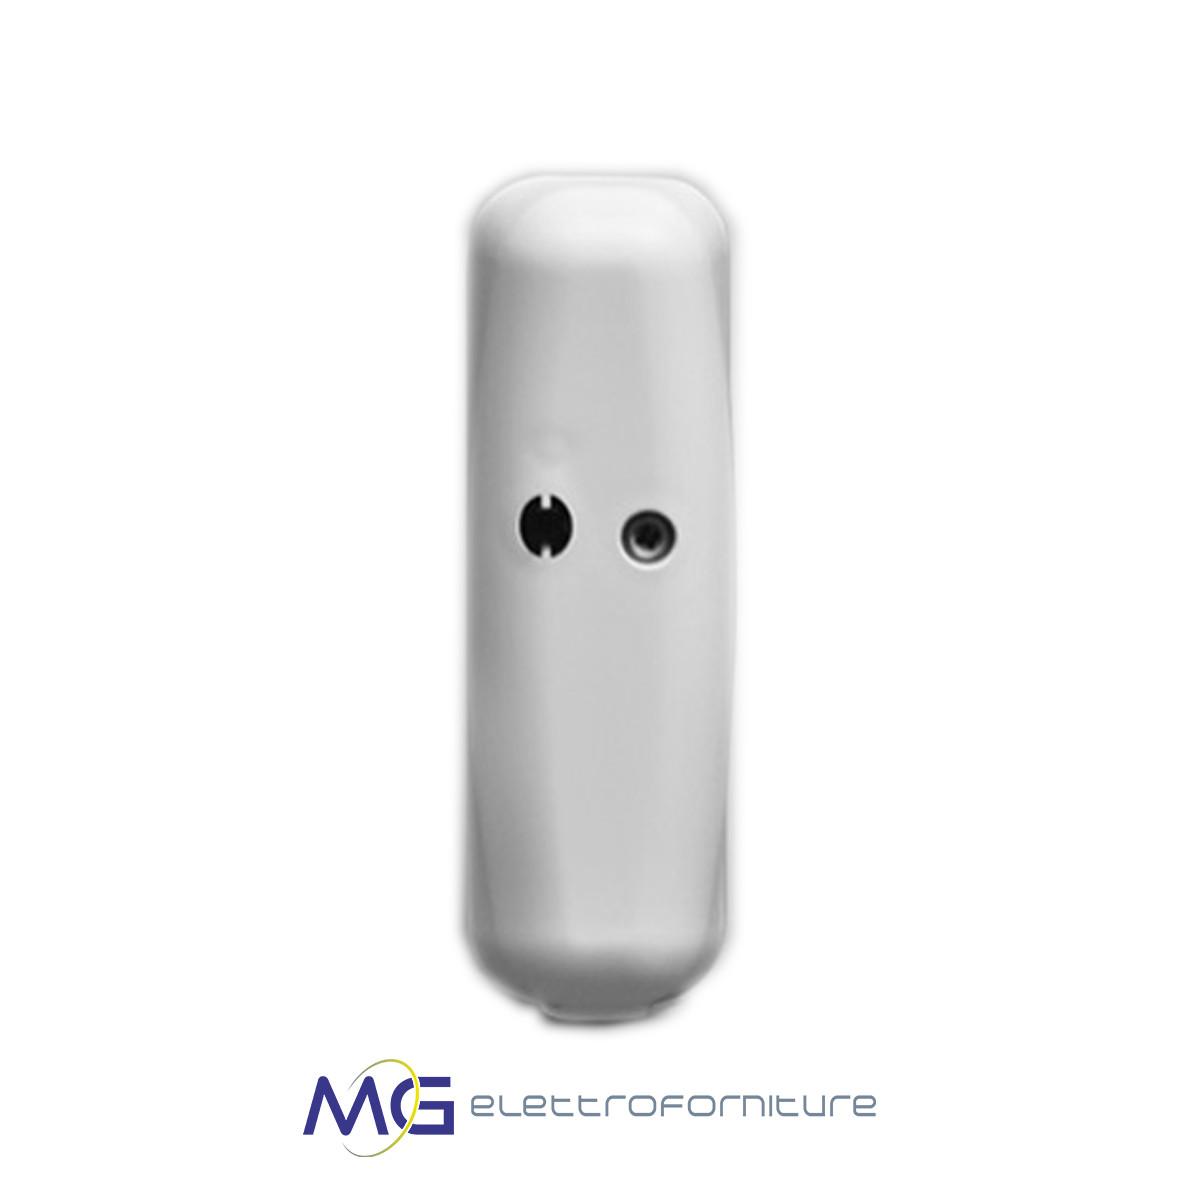 essegibi_antimove_sensore_di_movimento_bianco_marrone_mg_elettroforniture_prezzo_basso_migliore_2